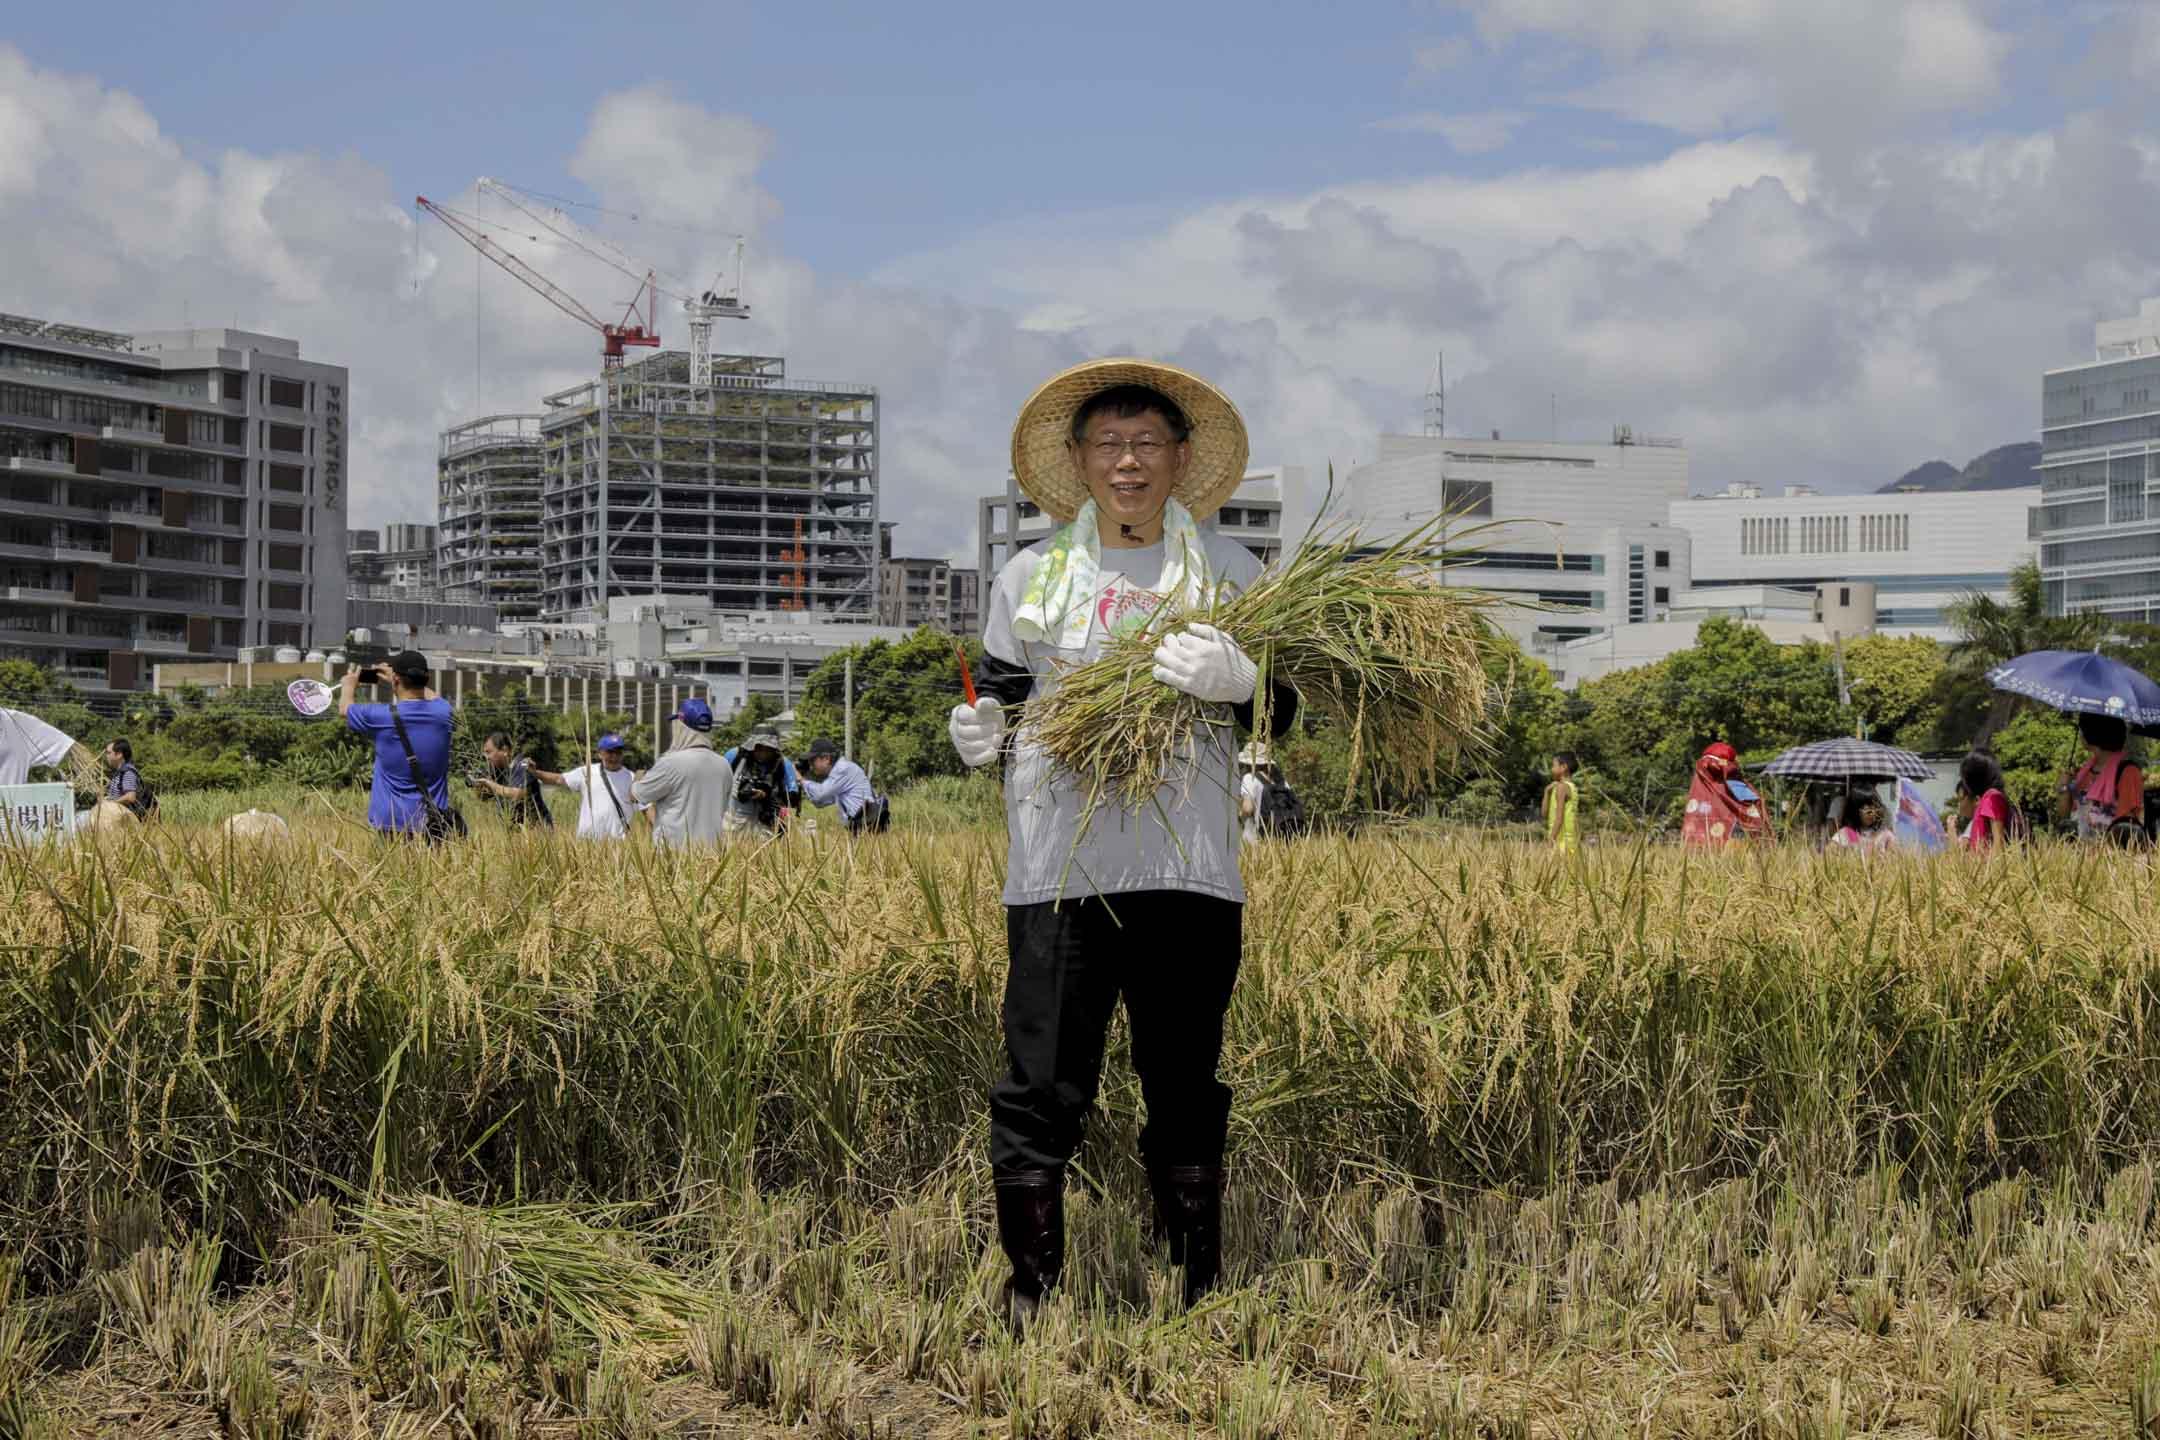 2018年8月,柯文哲建請農委會讓售北農公司22.76%股權給北市府,此建議形同終結北農由農委會(中央政府)、北市府(地方政府)與農會(供銷單位)三方共同持股的局面,改由北市府與農會系統共同經營這家全台最大、同時兼具官民營色彩的農產運銷公司。圖為台北市長柯文哲在2018年7月出席台北一個割稻活動。 攝:Daniel Shih/AFP/Getty Images